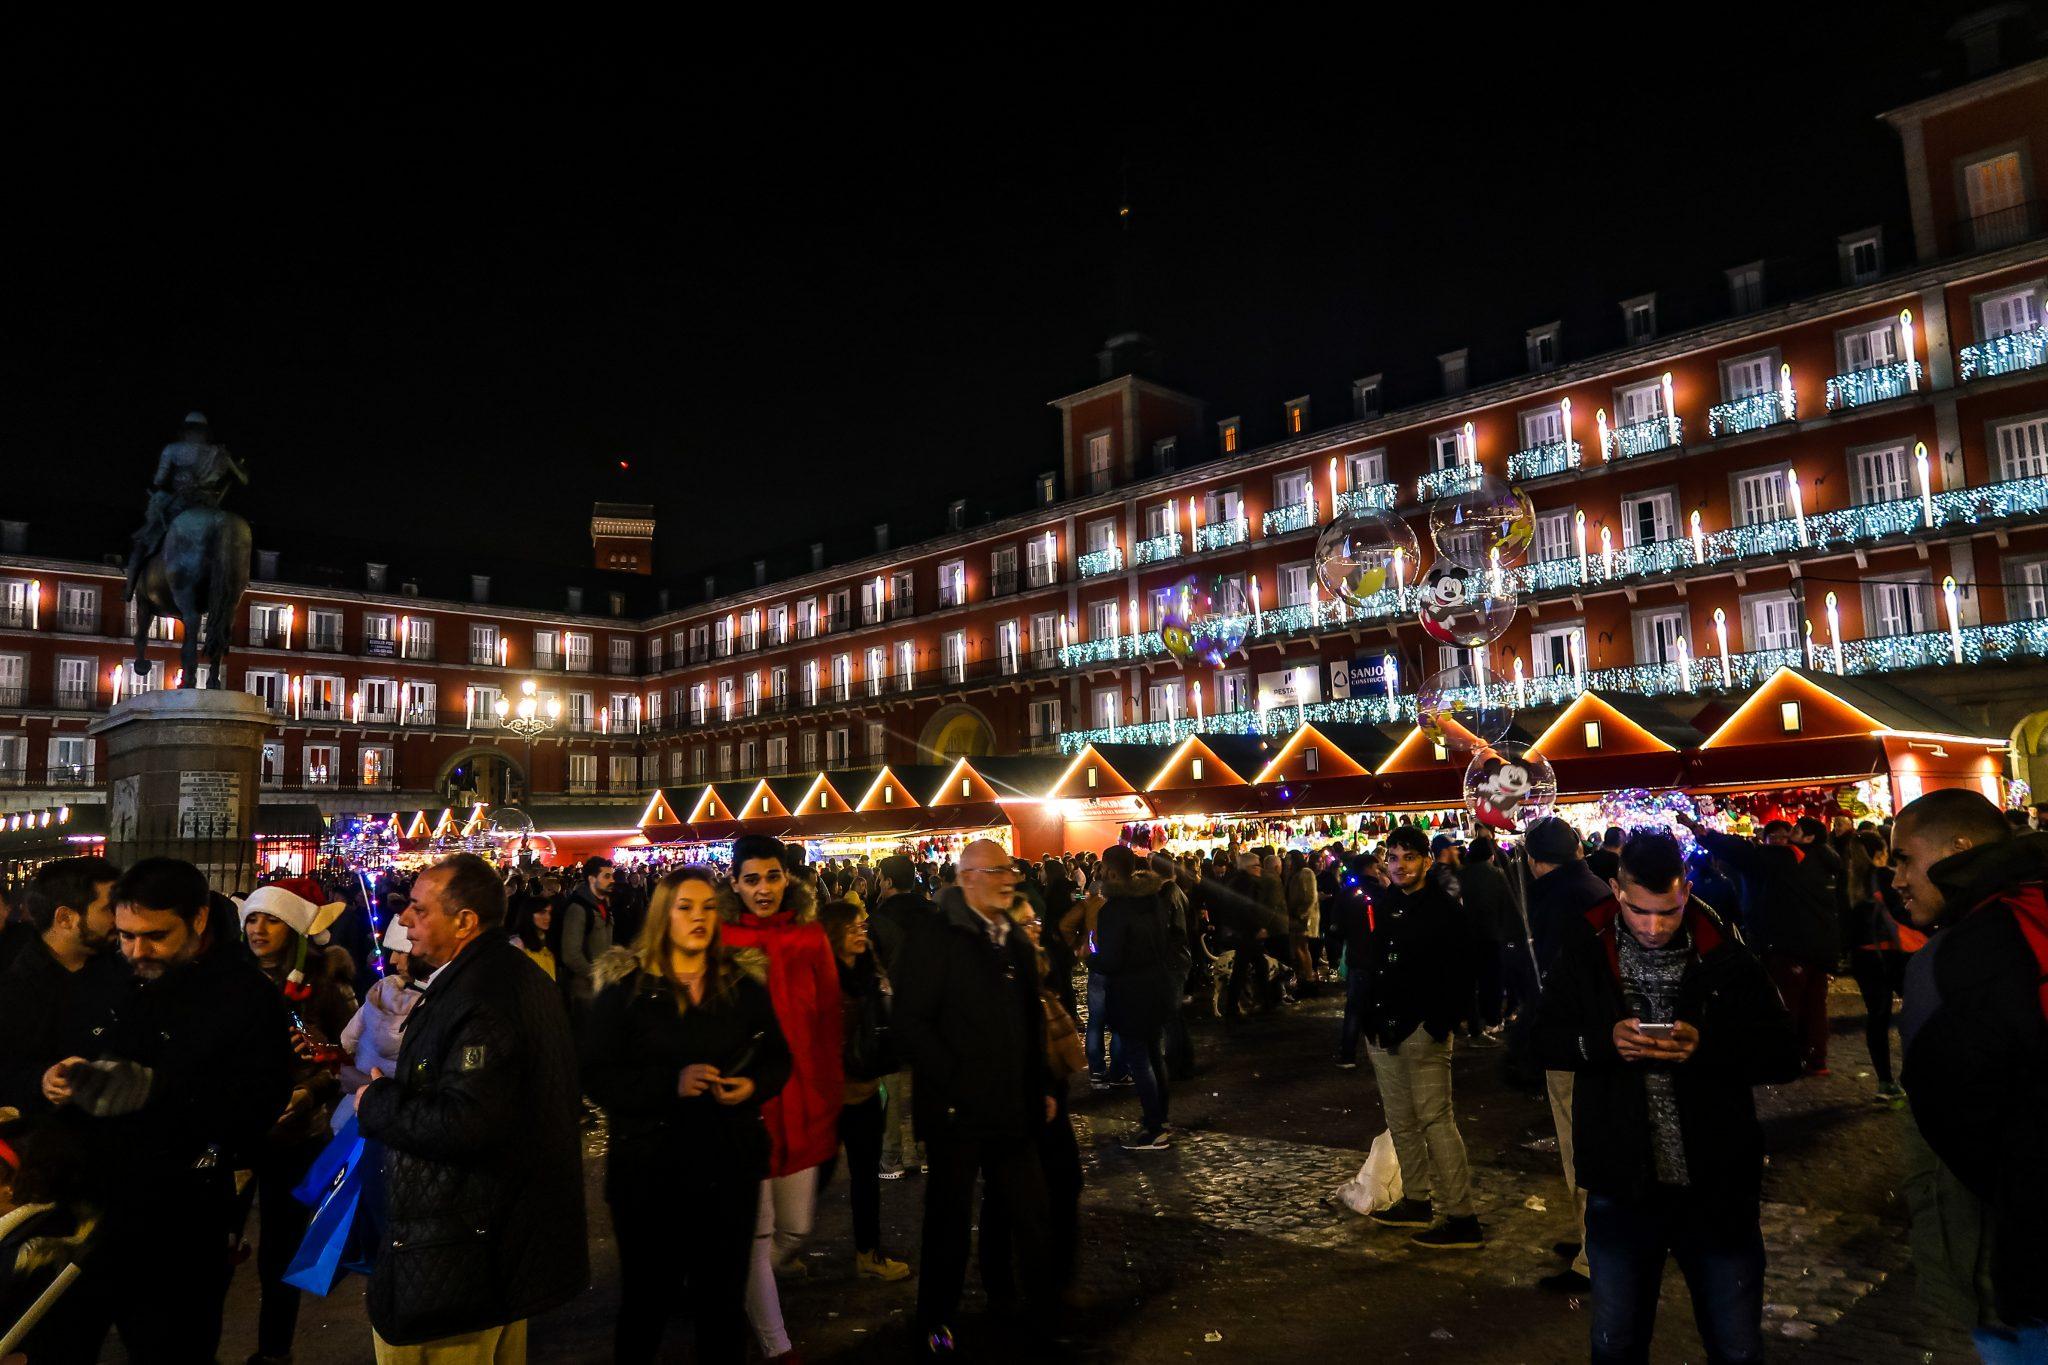 Der Plaza Major verleiht dem Weihnachtsmarkt etwas ganz Besonderes und Episches.